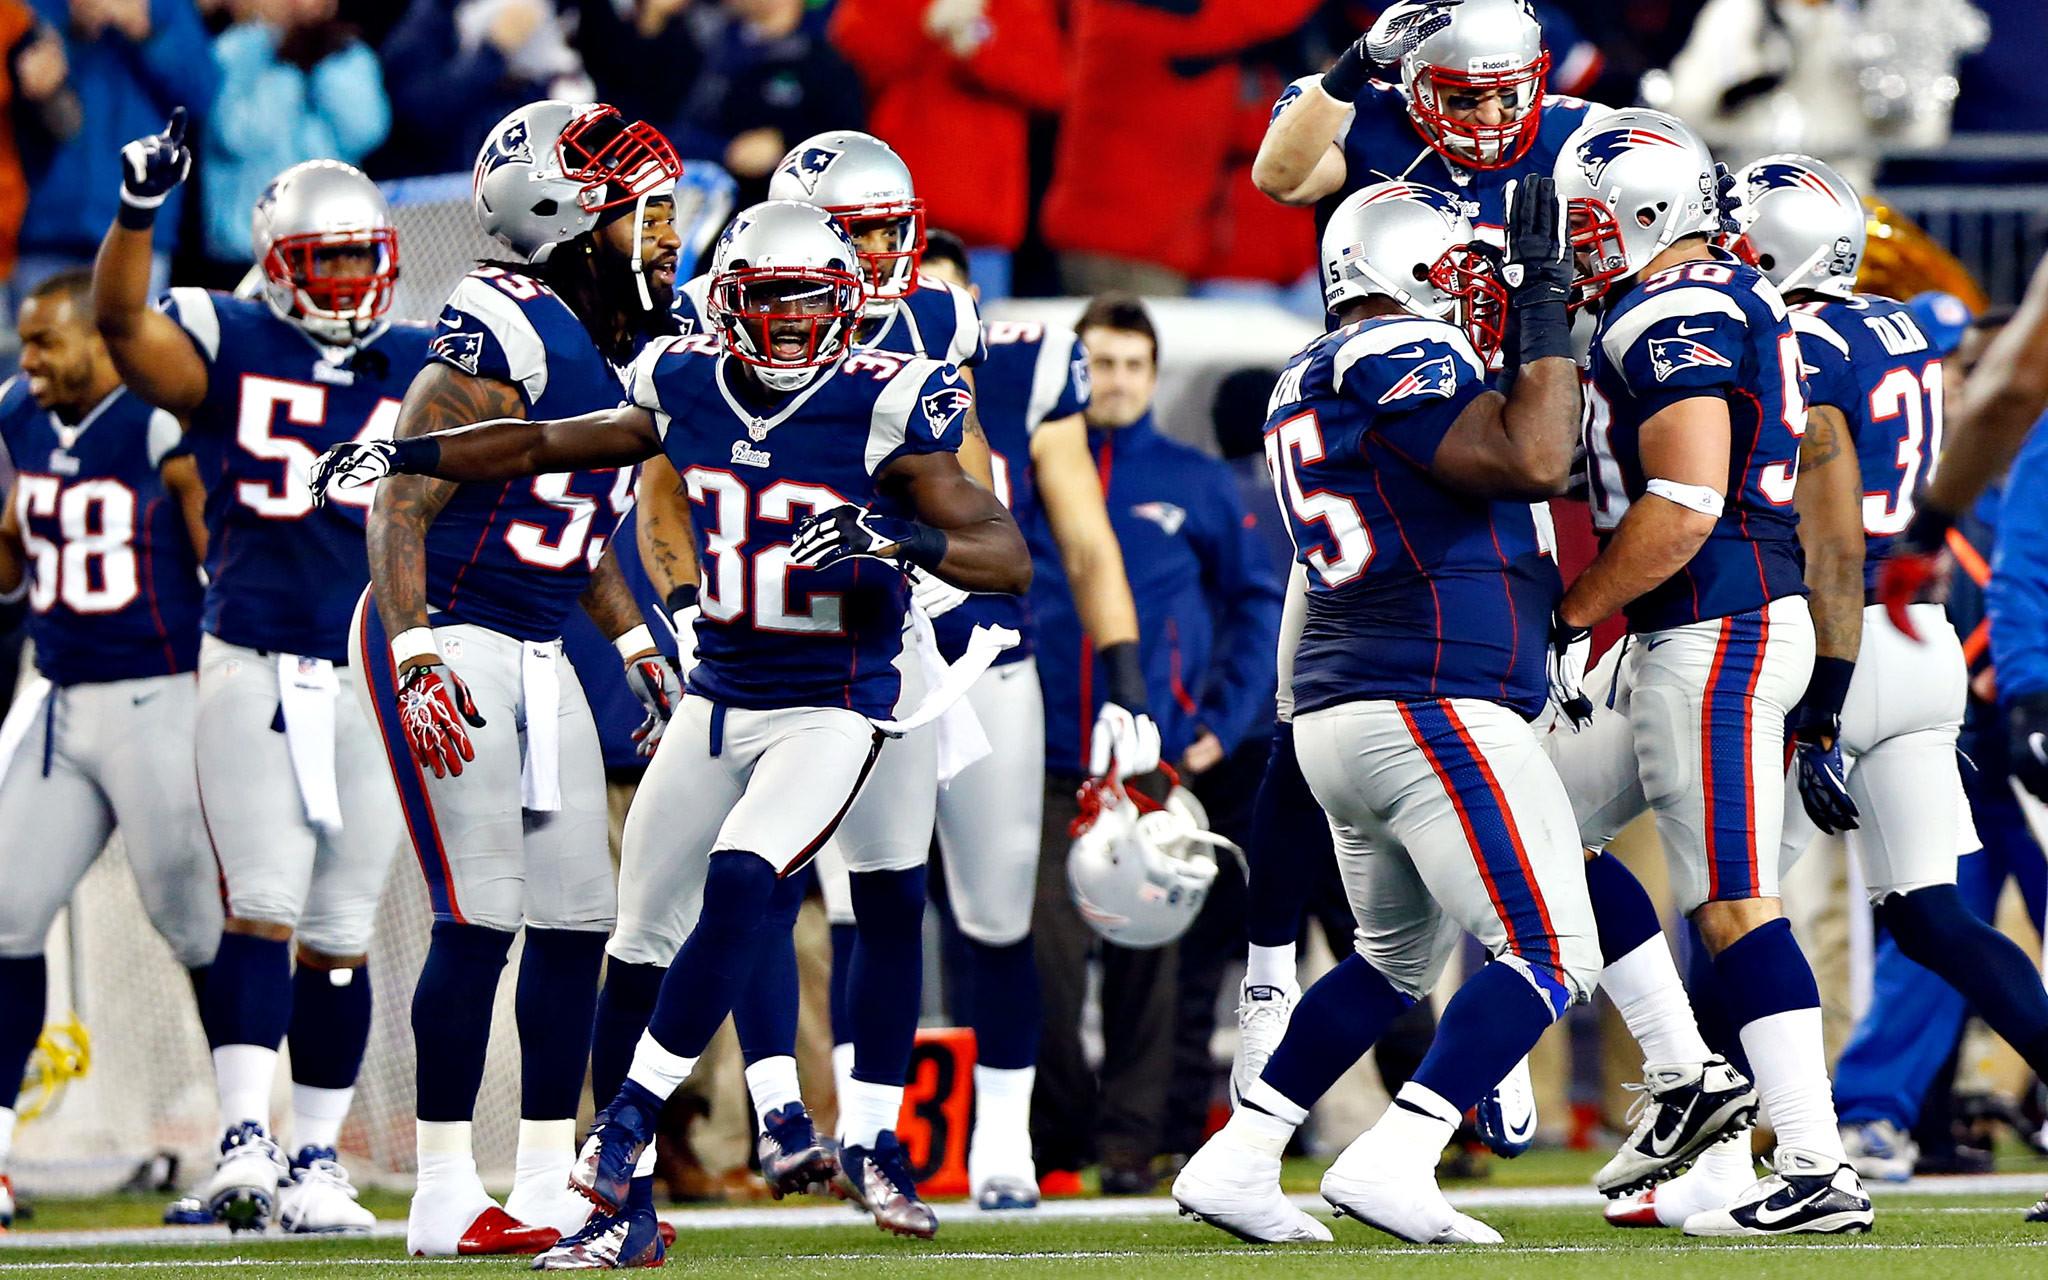 NFL-Teams-Wallpaper-New-England-Patriots